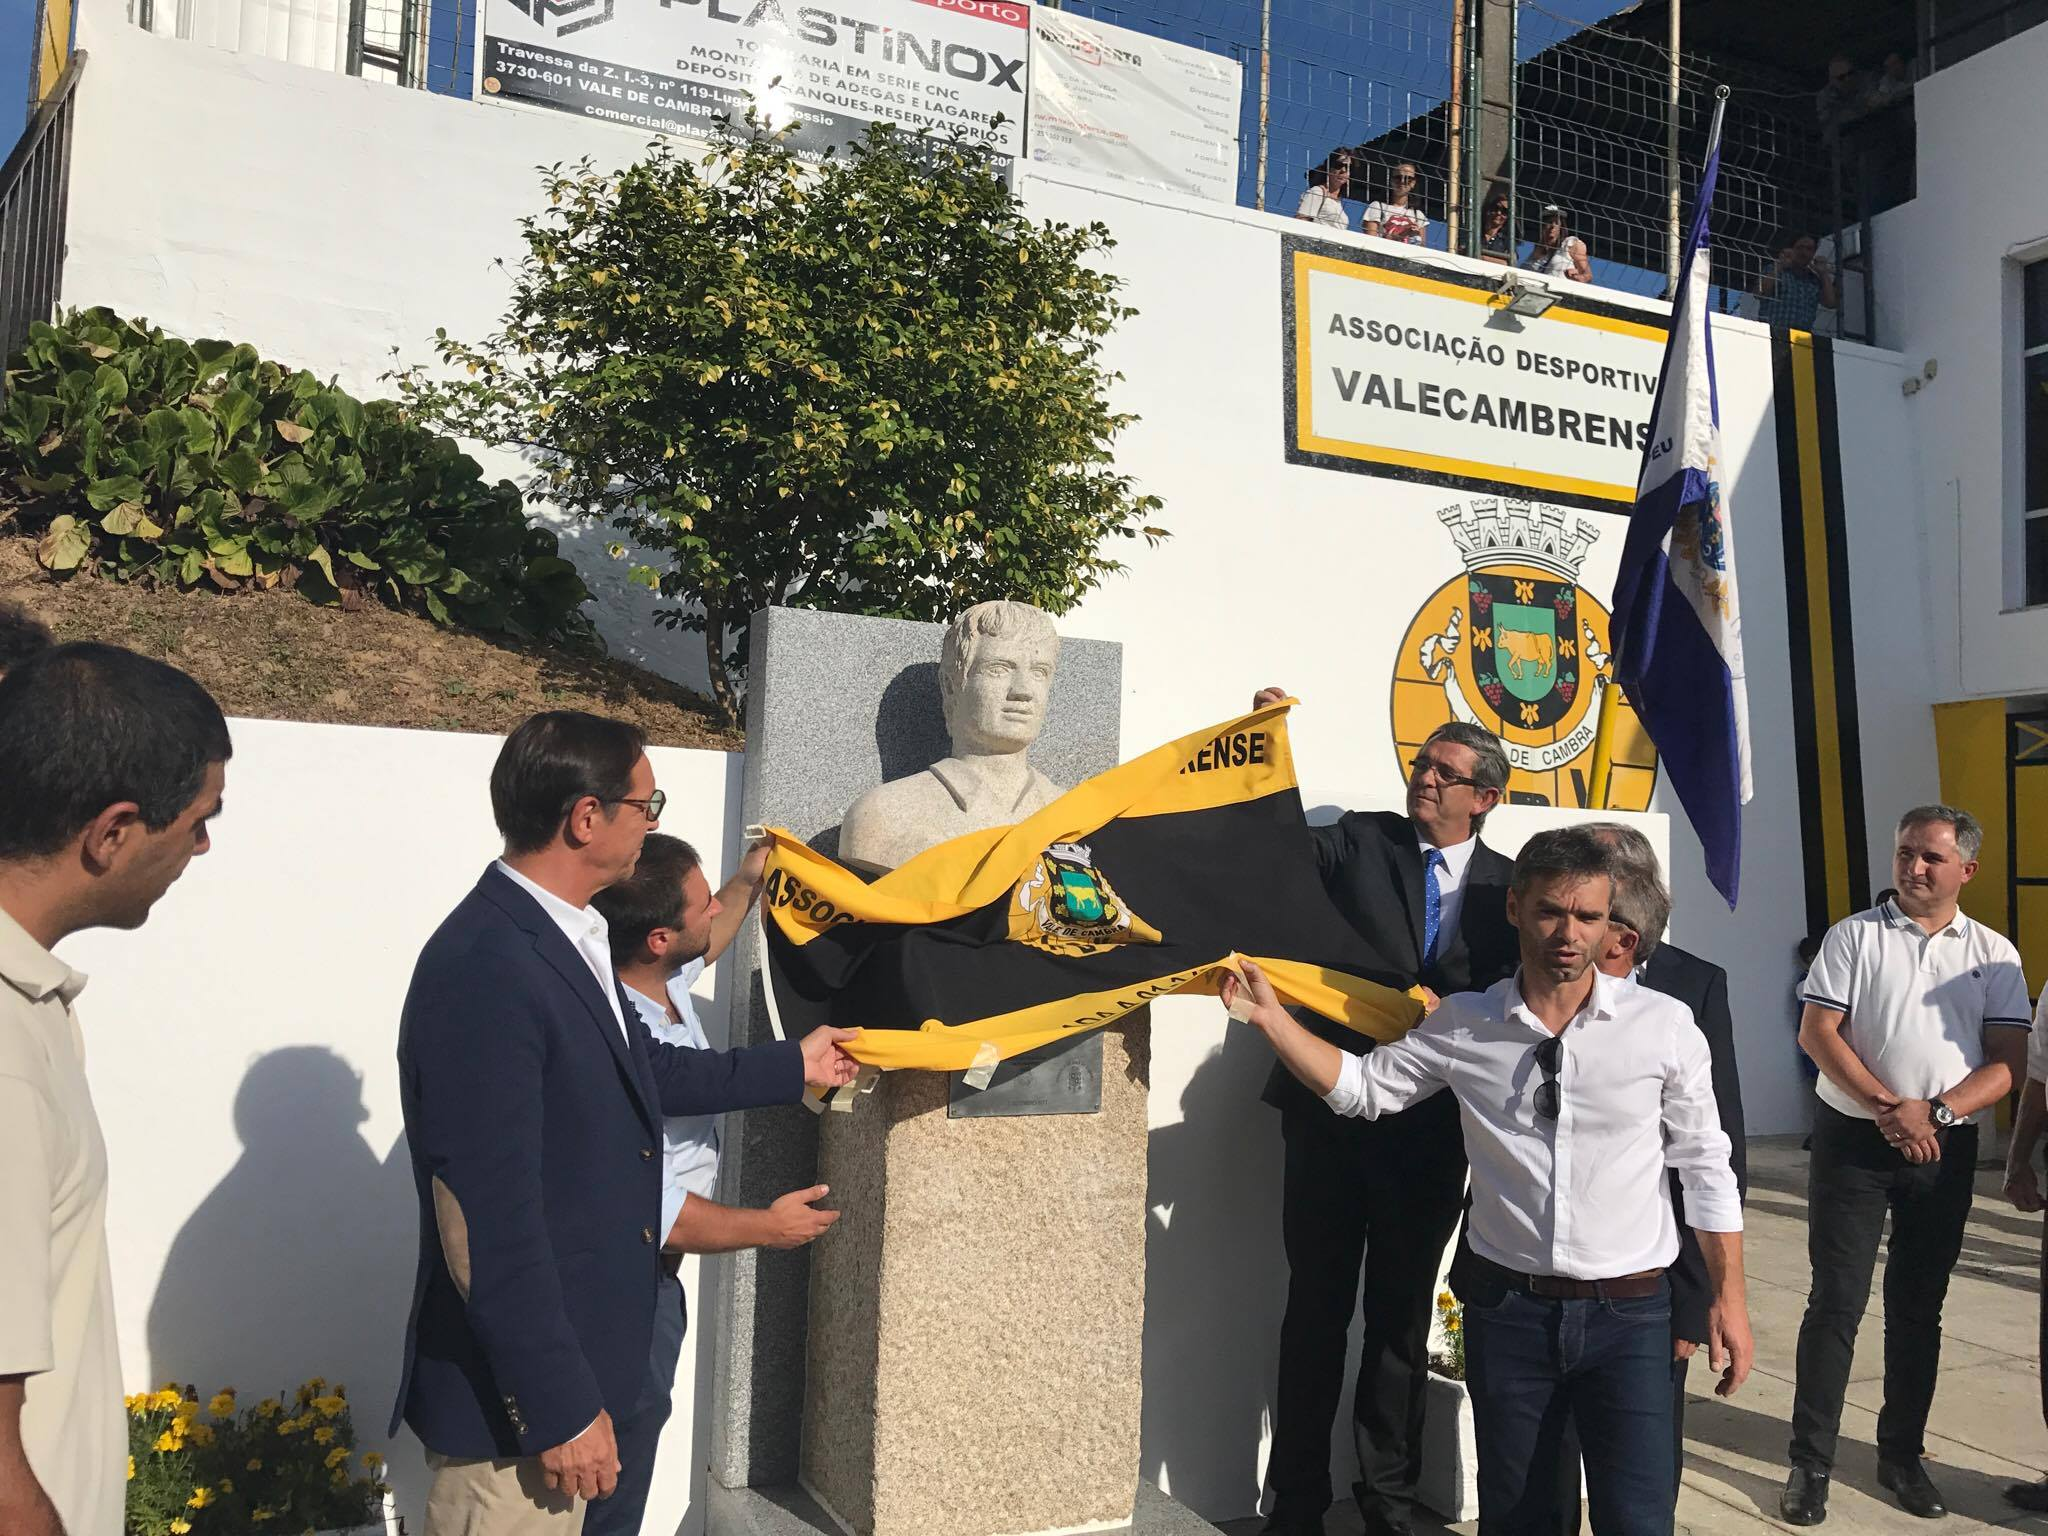 Inaugurado novo busto em homenagem ao jogador valecambrense Rui Filipe